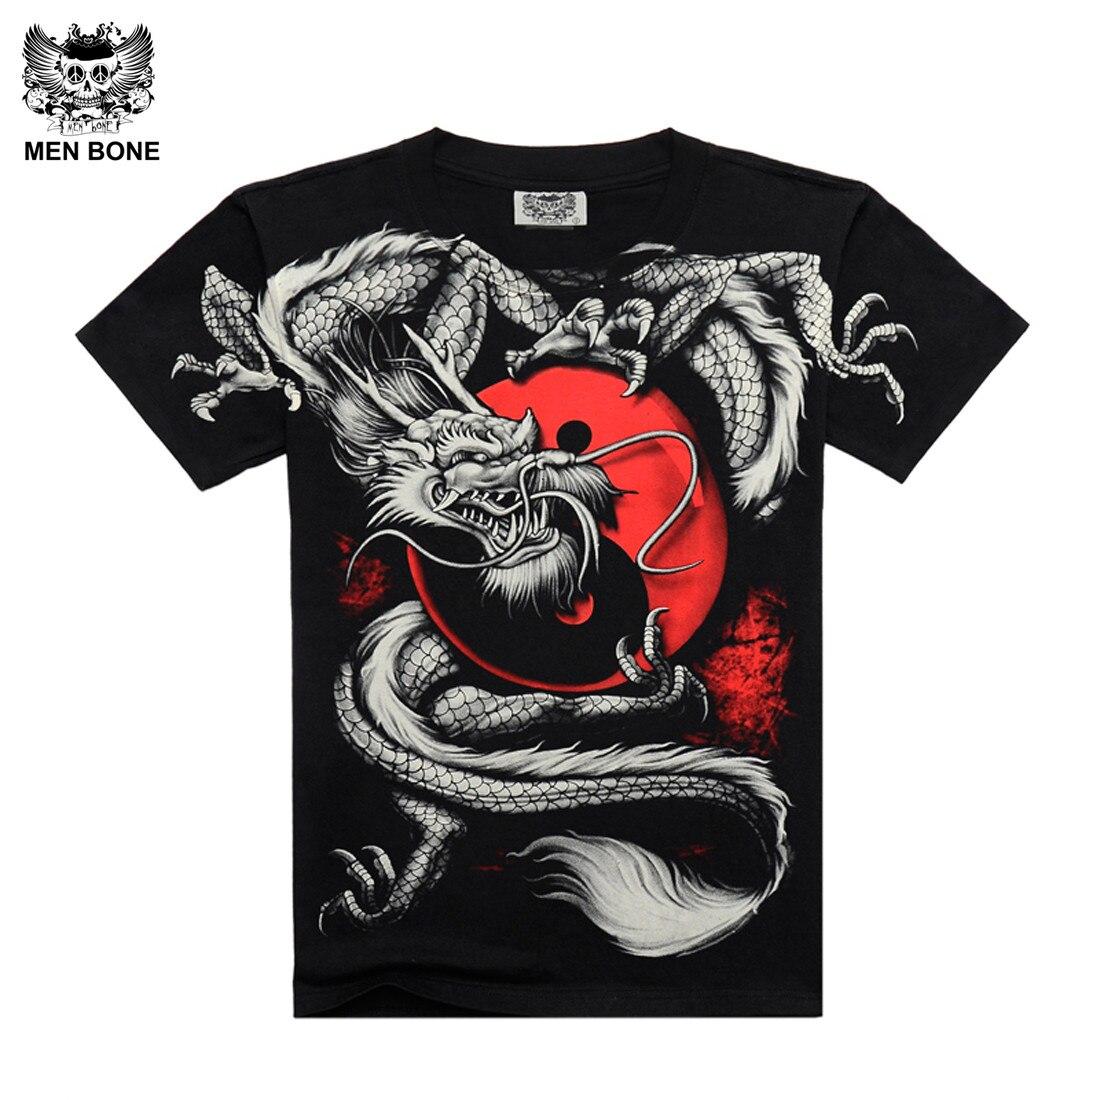 [Férfi csont] Kína Tai Chi póló Dragon Rock pamut férfiak Tshirt Fekete rövid ujjú fekete Print Heavy Metal Style hüvely